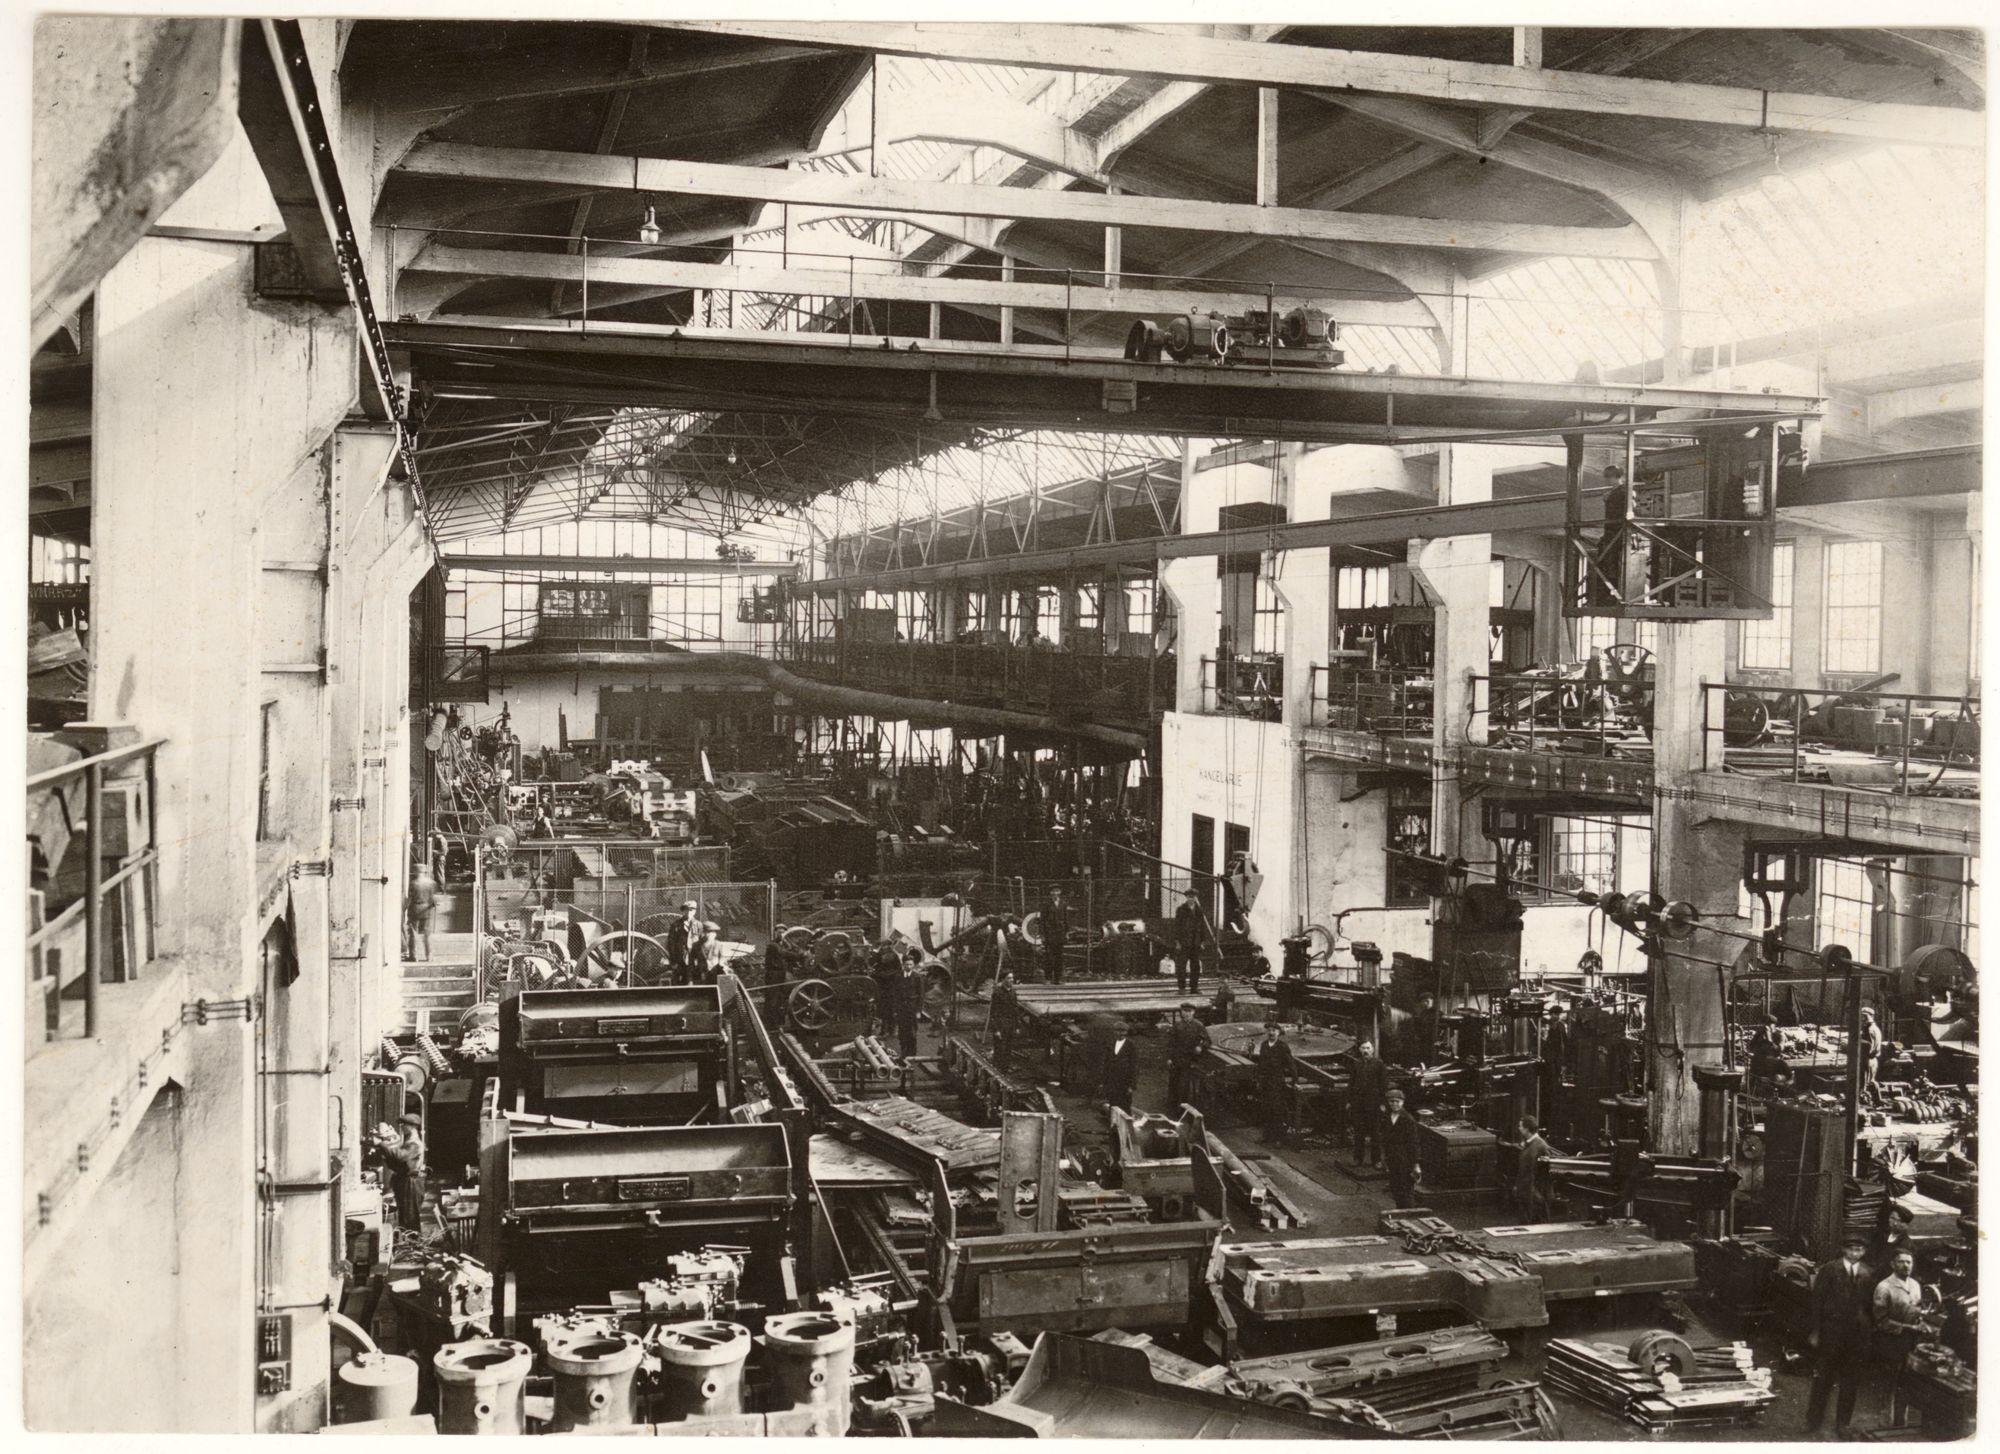 wnetrze-fabryki-maszyn-i-wagonow-l-zieleniewski-fot-agencja-fotograficzna-swiatowid-okolo-1928